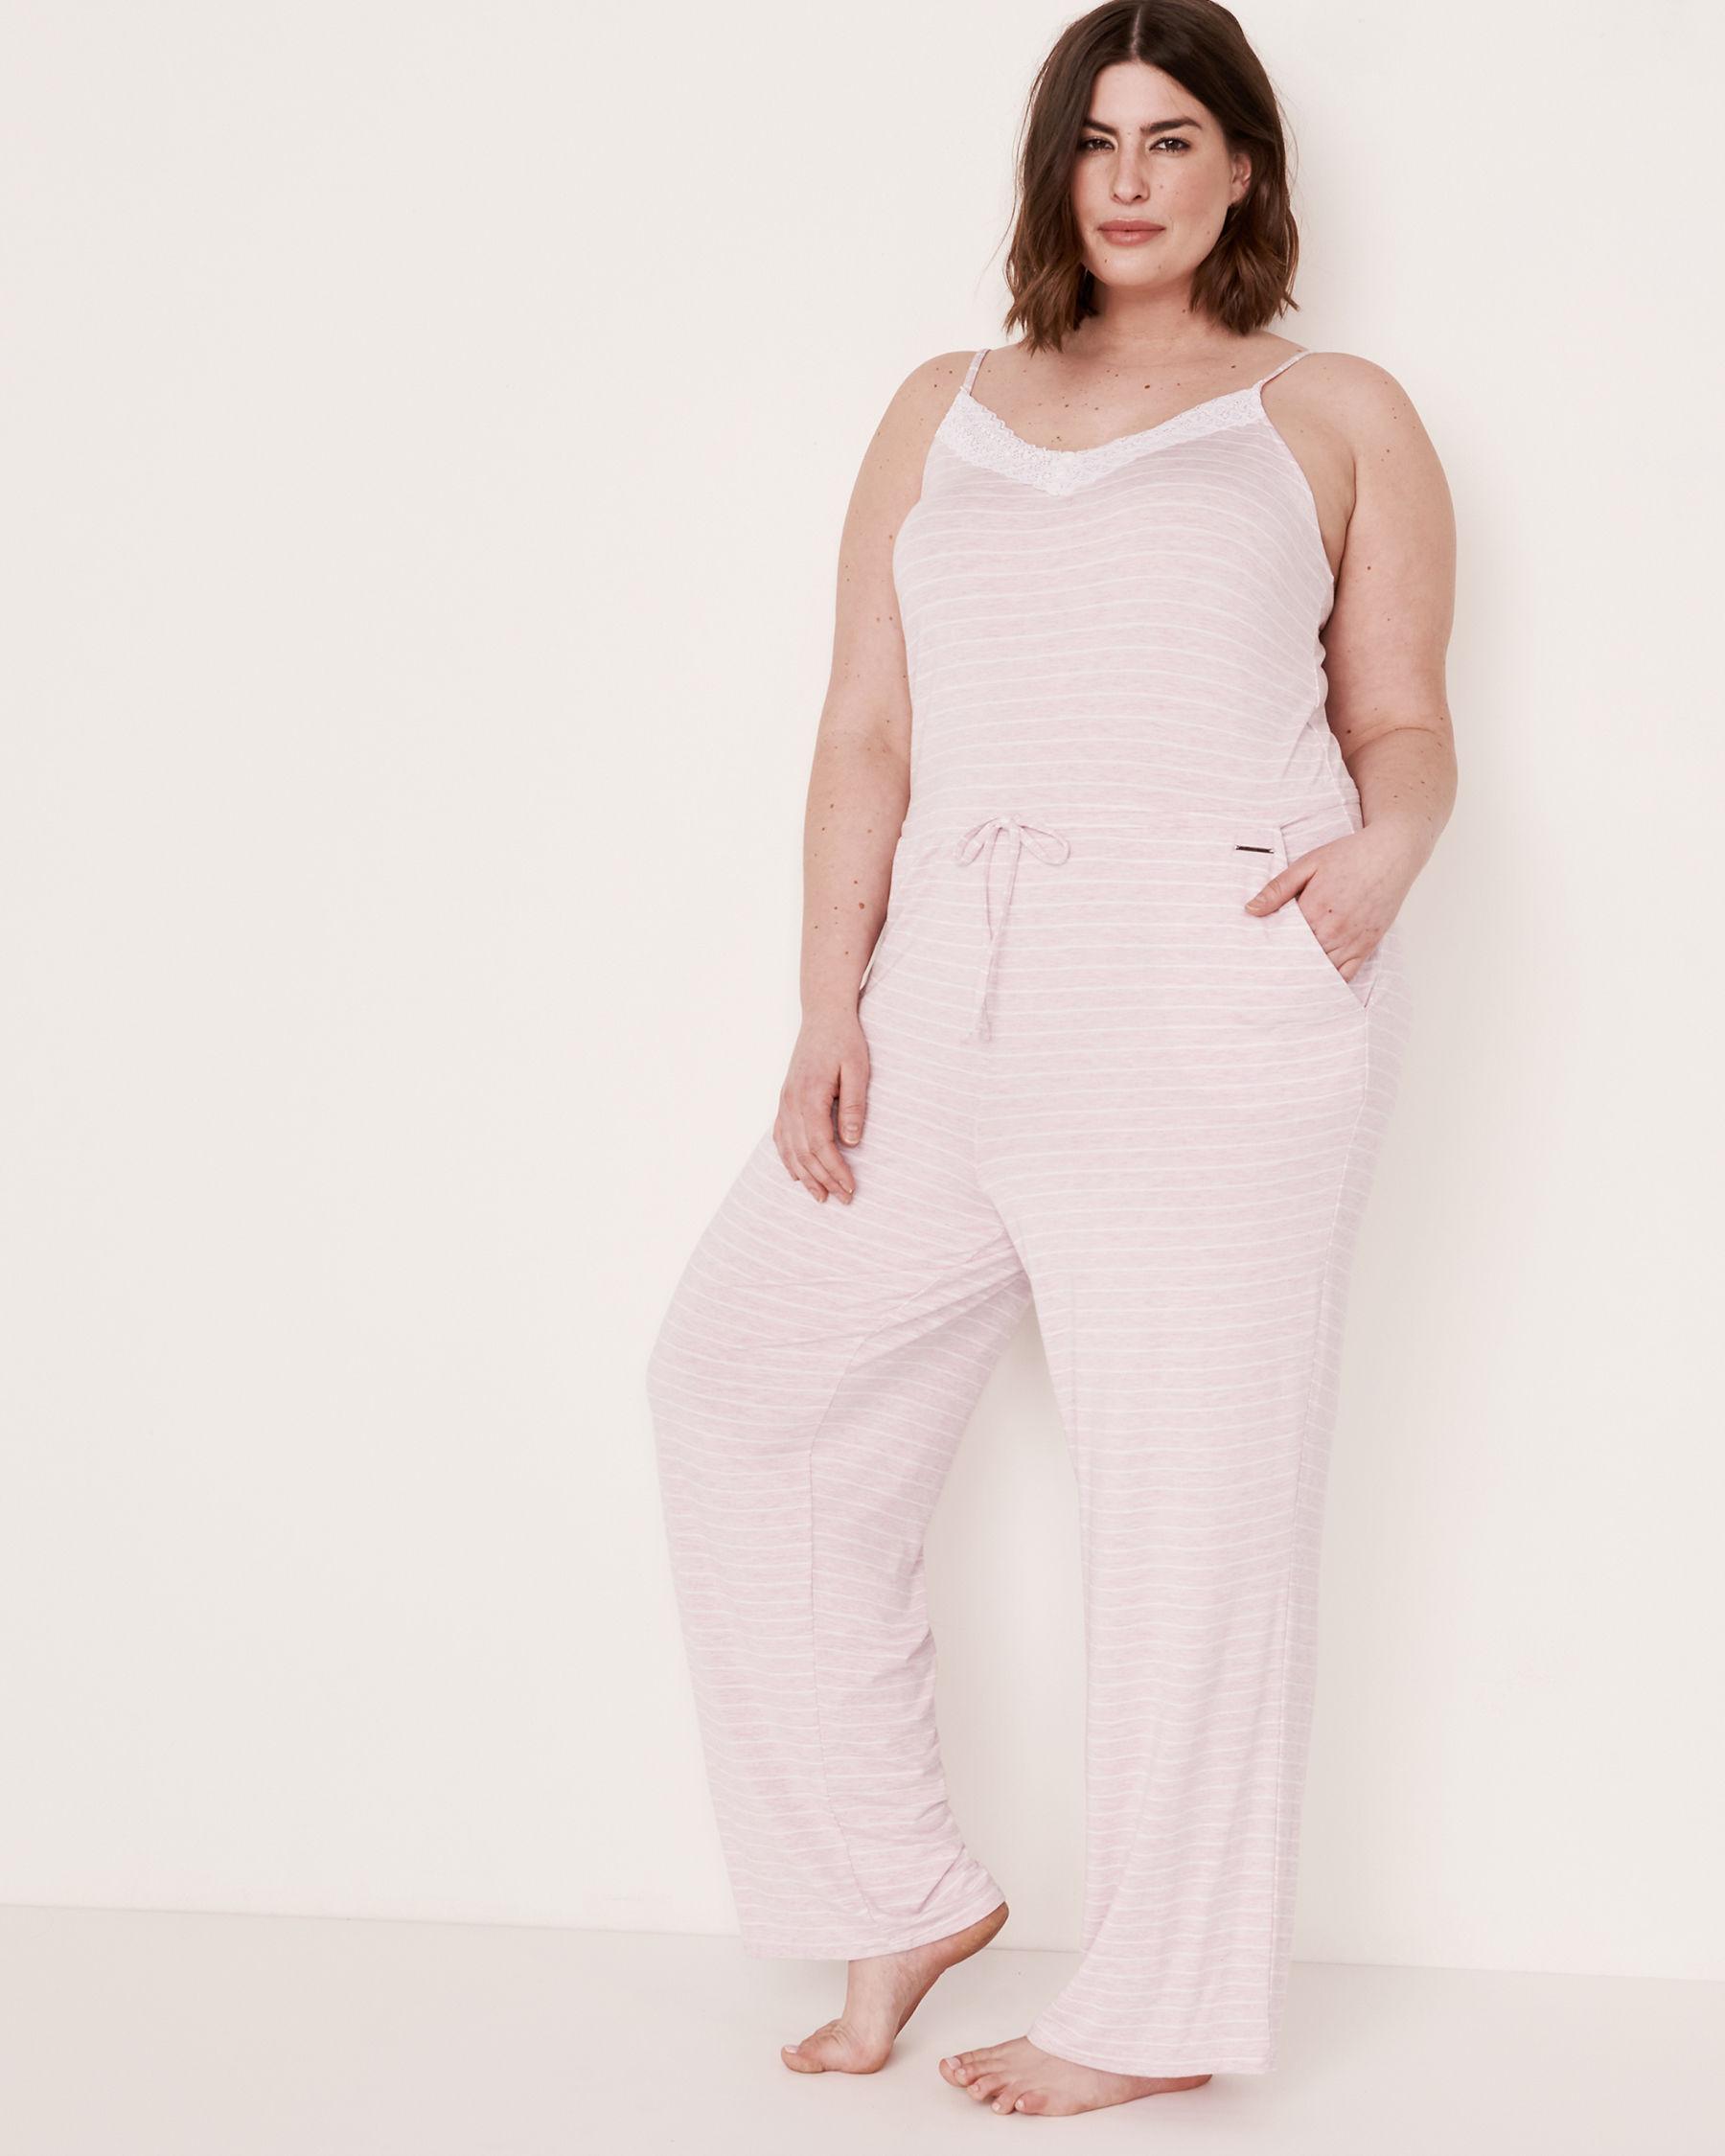 LA VIE EN ROSE Lace Trim Thin Straps Jumpsuit Stripes 50300003 - View1